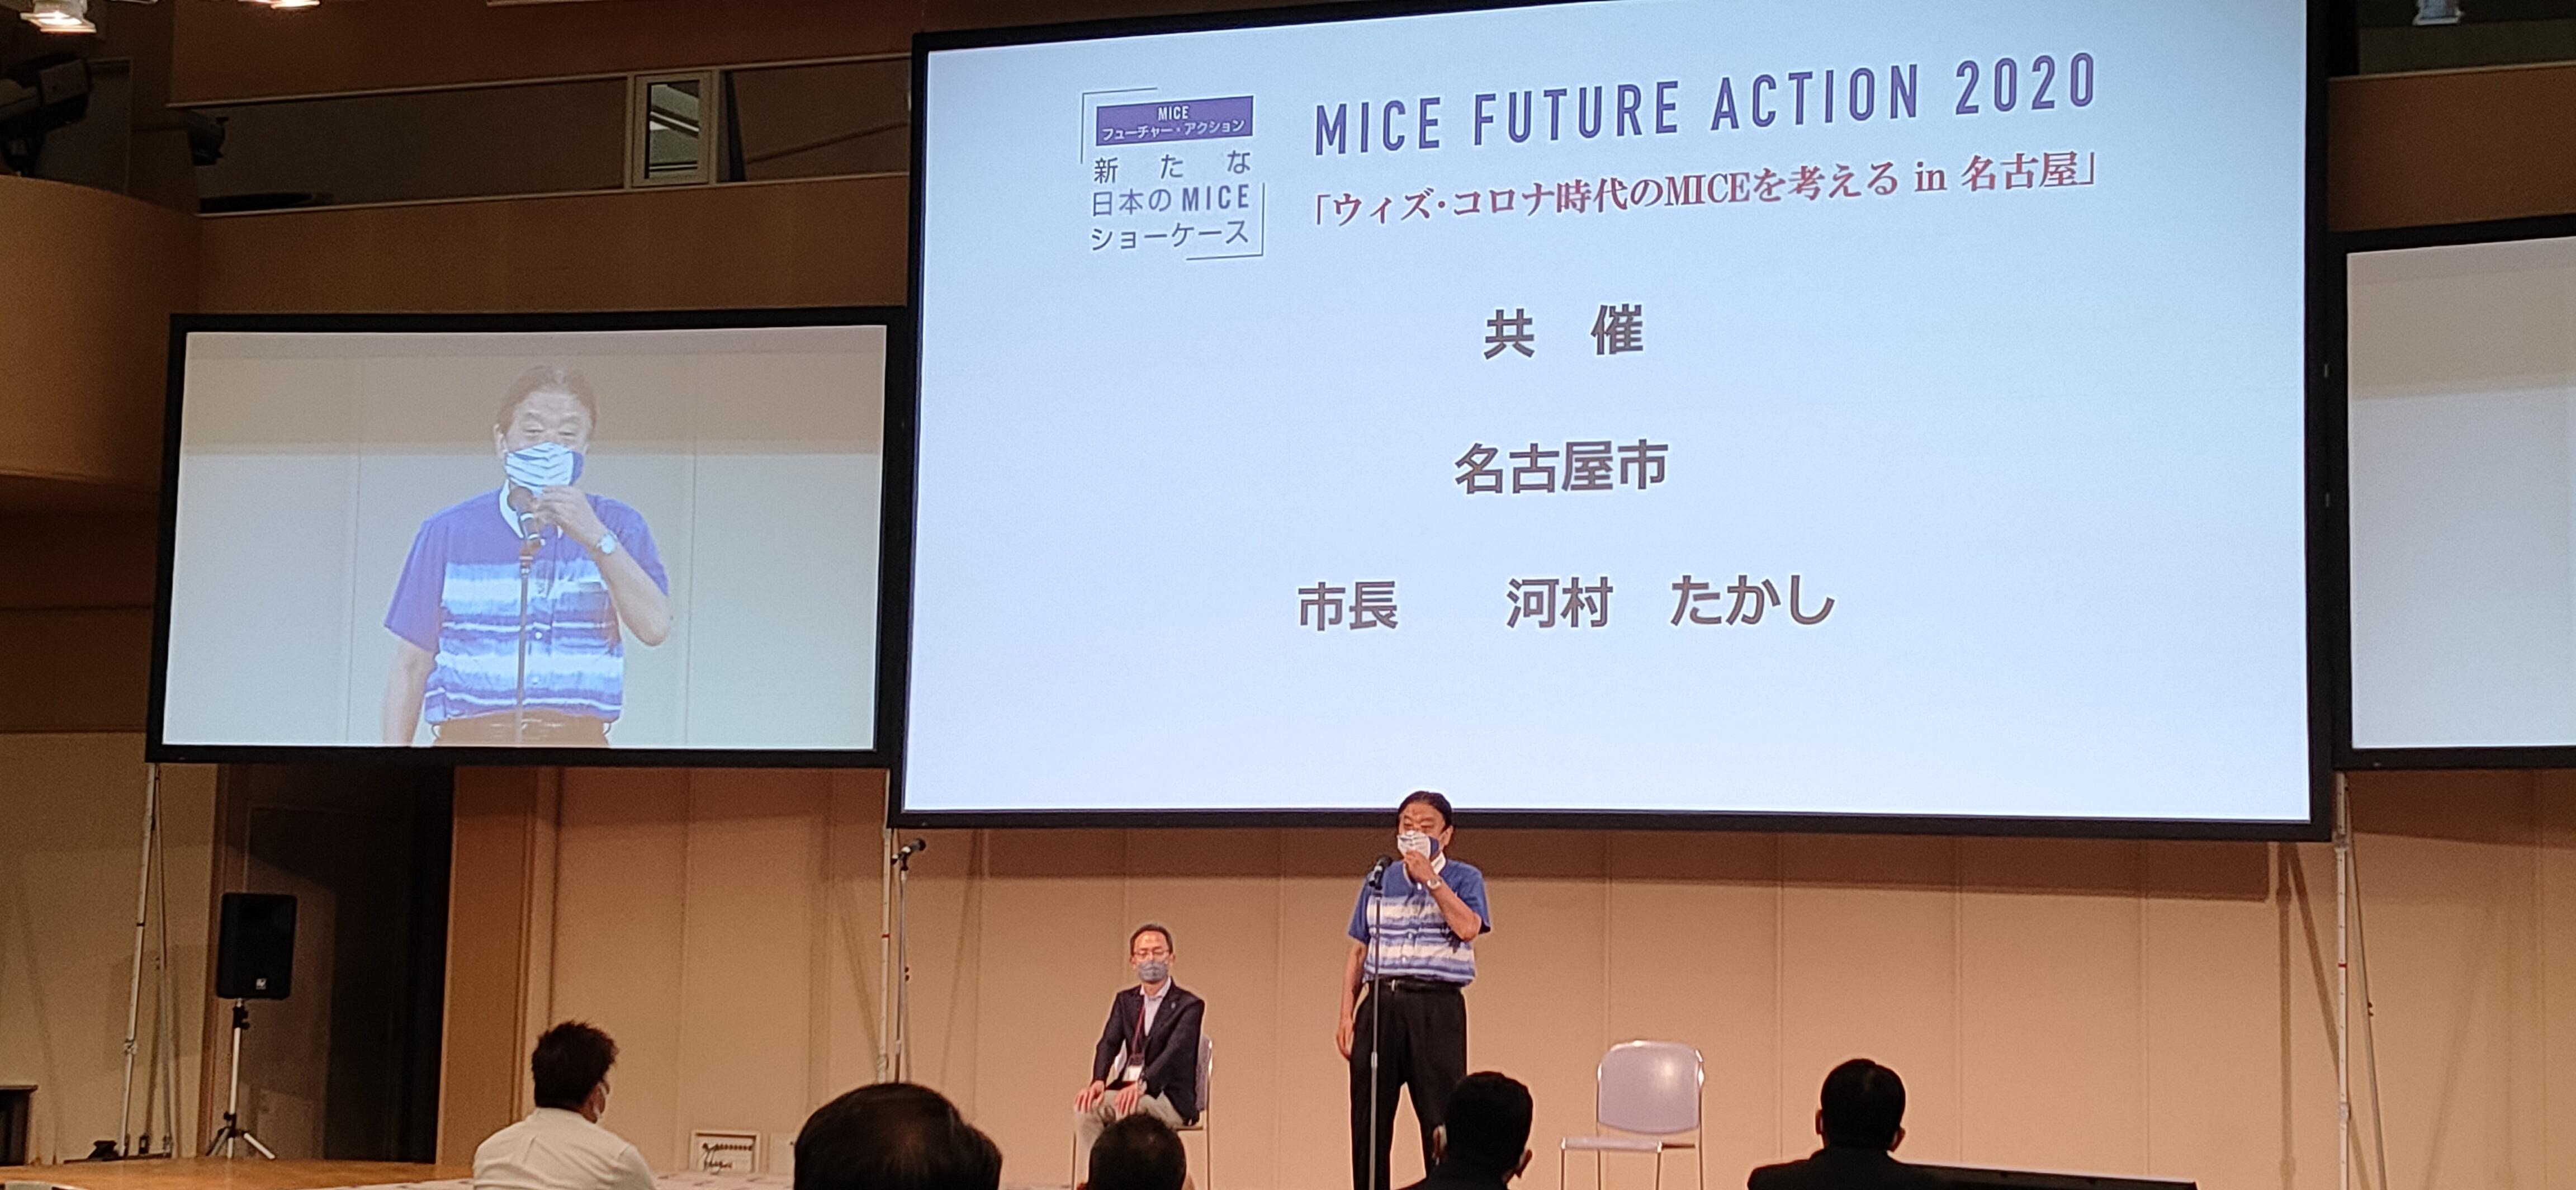 河村たかし名古屋市長の開会のご挨拶。MICEの早期回復の重要性が強調されました